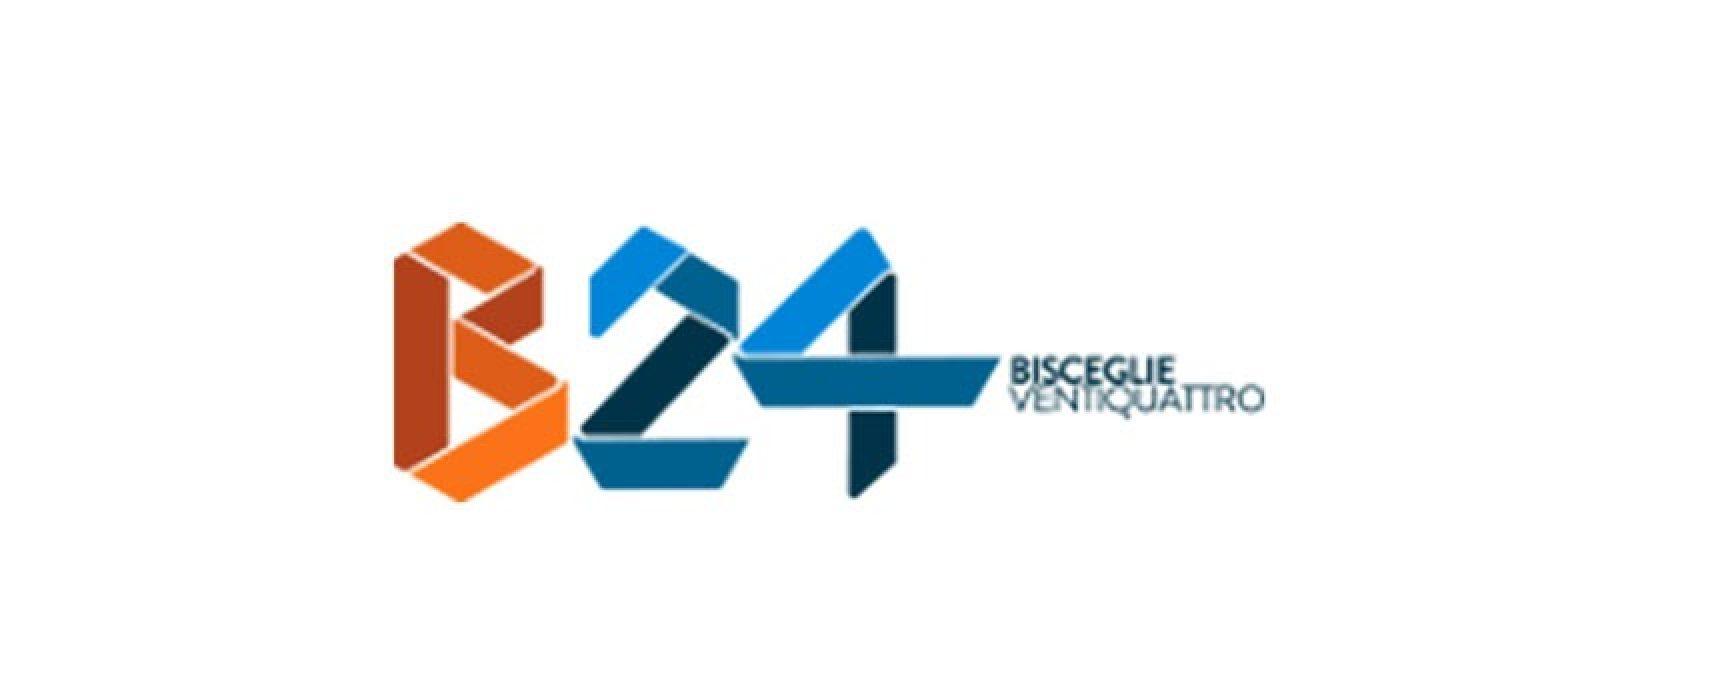 Consiglio comunale su gestione emergenza Covid-19, su Bisceglie24 la diretta streaming